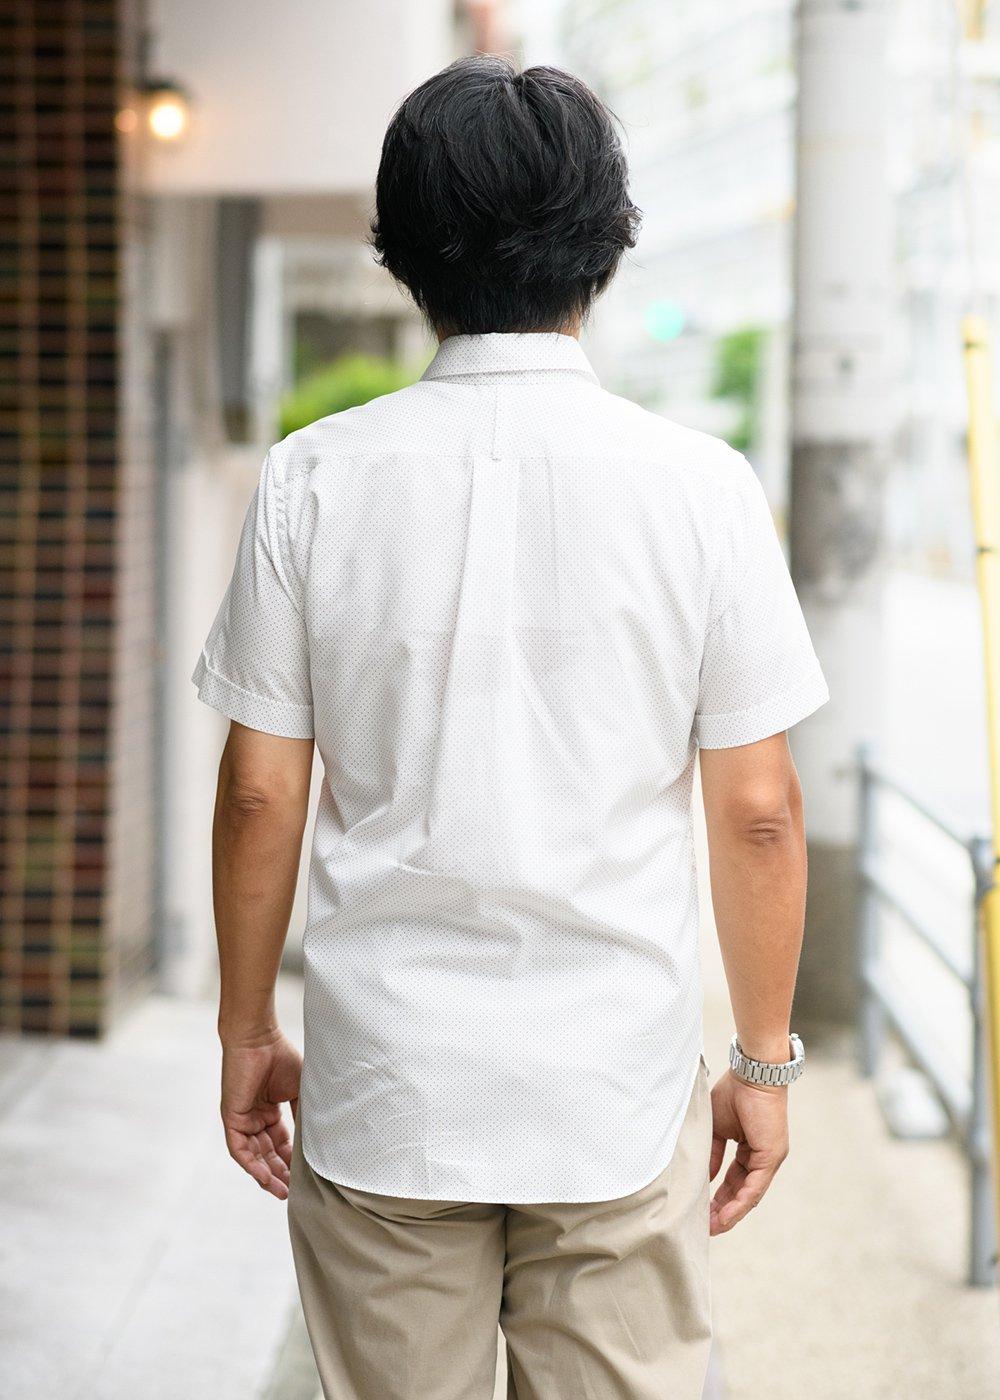 かりゆしウェア(沖縄版アロハシャツ) MAJUN - 水玉ドットカチャーシー